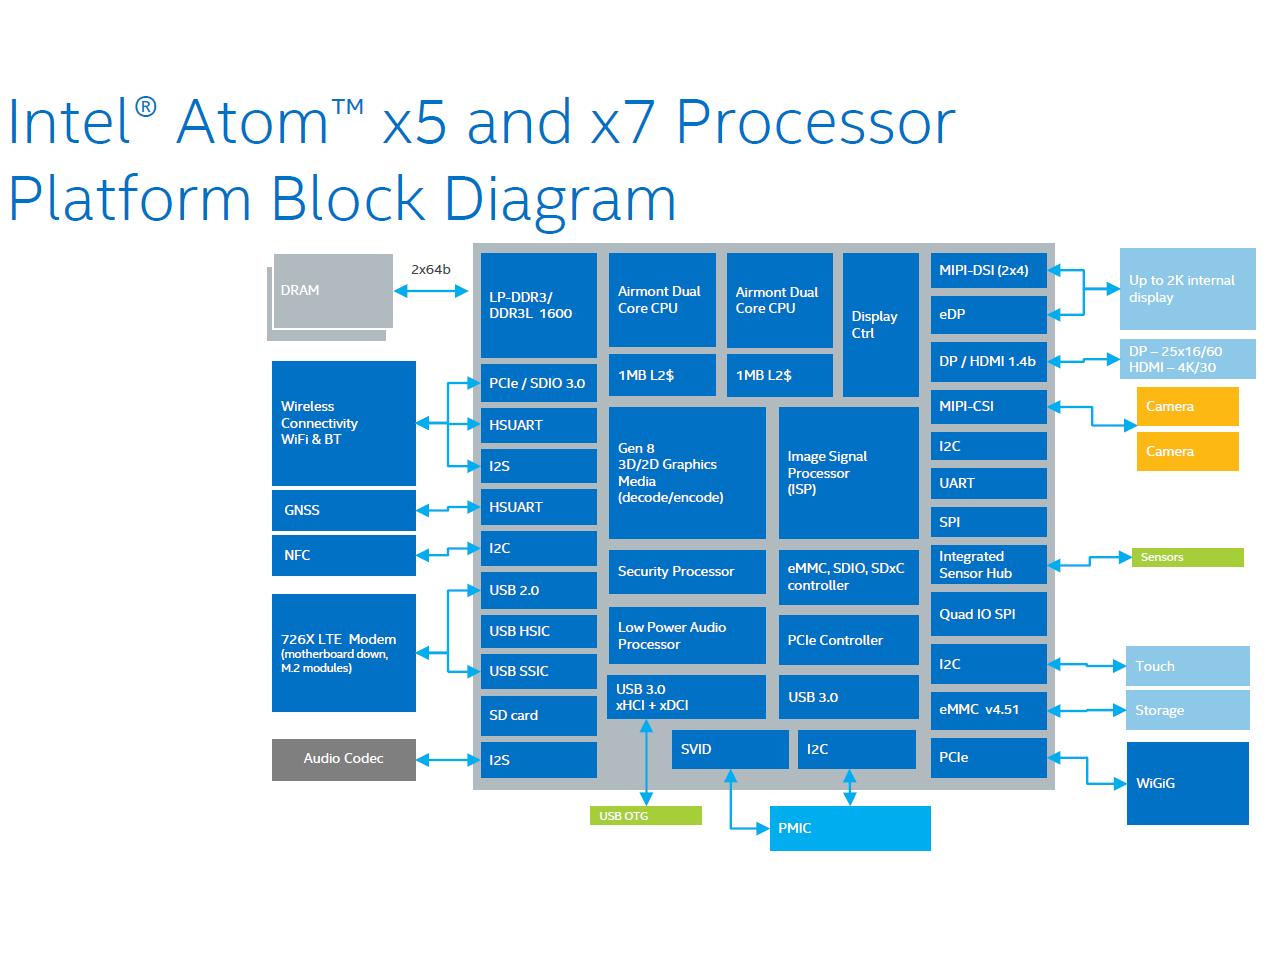 Intel Atom x Z SoC